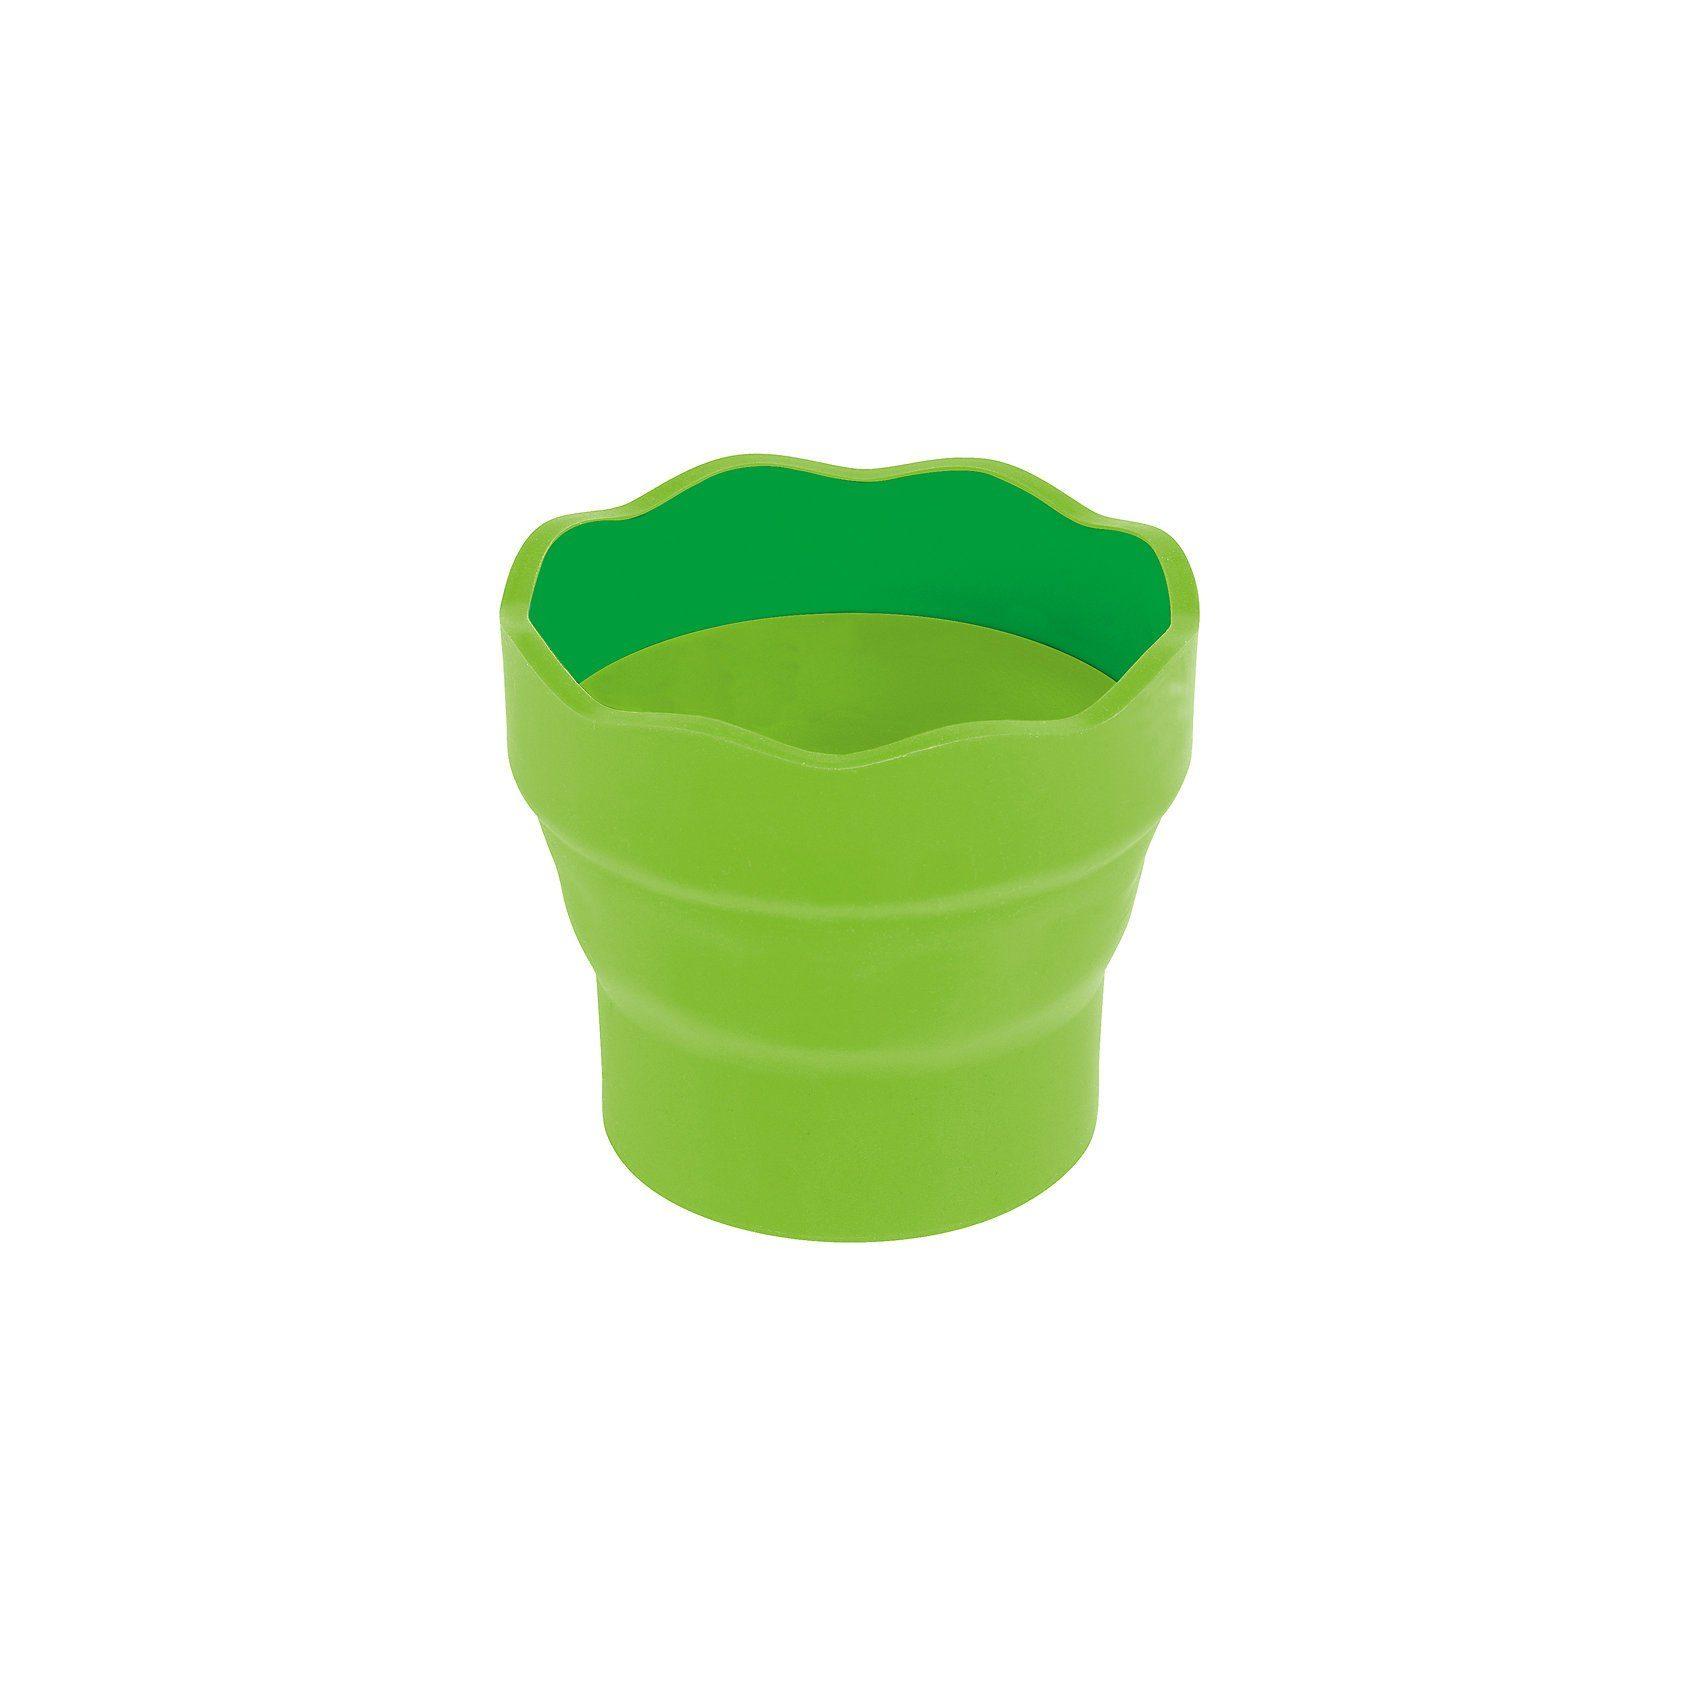 Faber-Castell CLIC & GO Wasserfaltbecher hellgrün